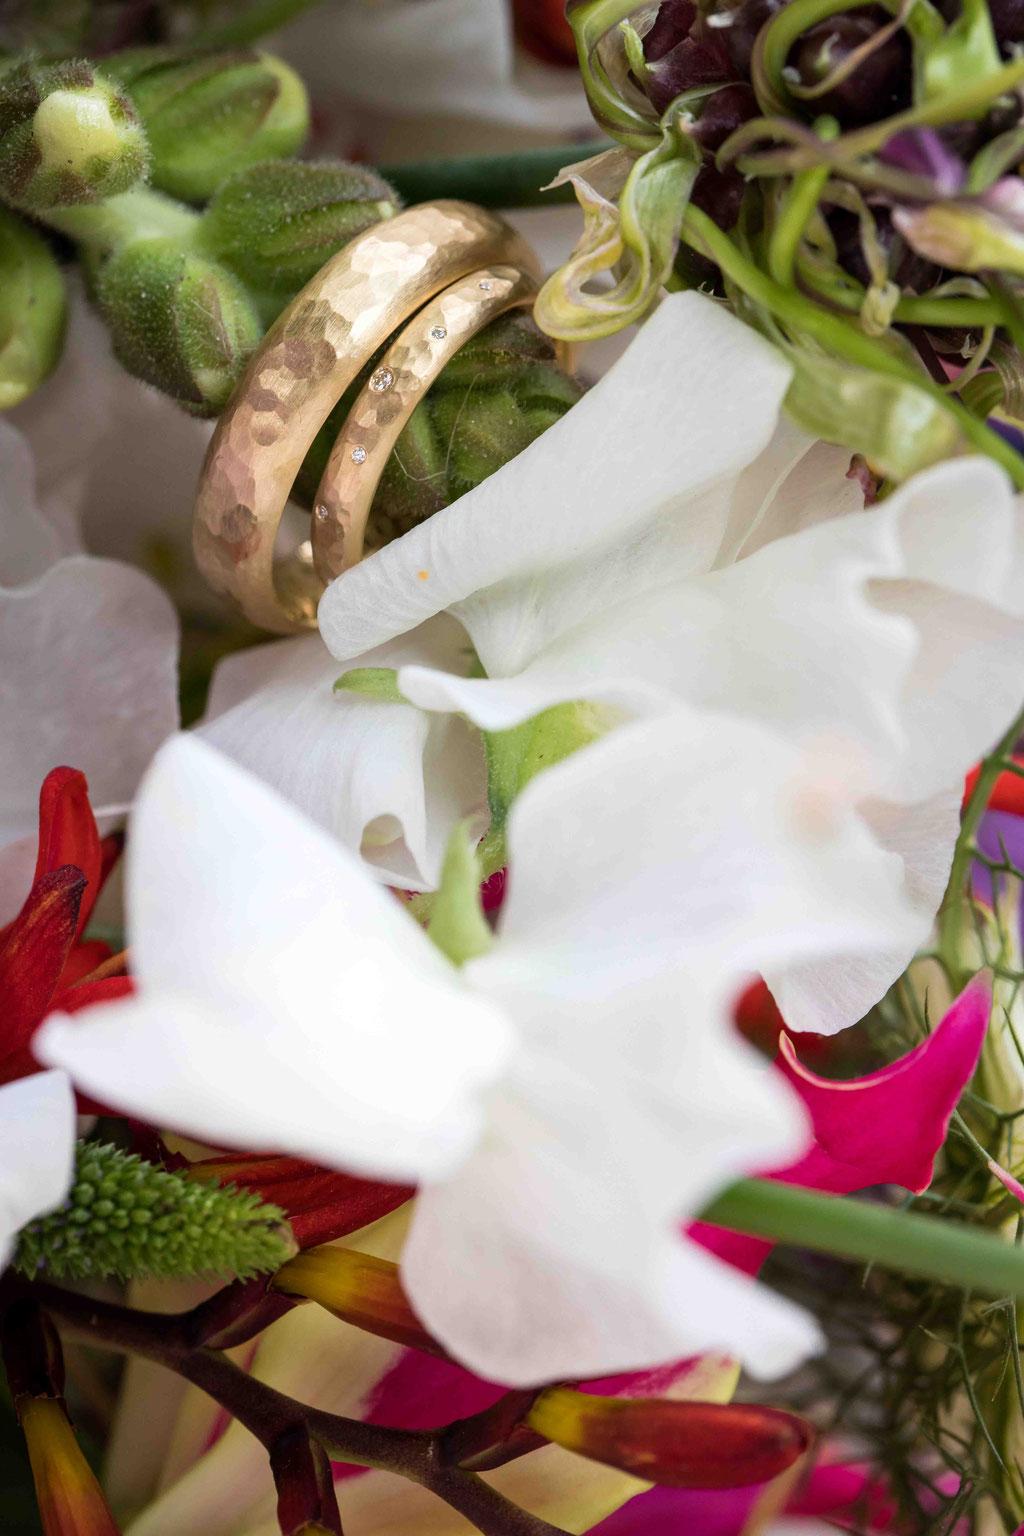 Heiraten in Bad Homburg, Hochzeit Schulberg 1, 61348 Bad Homburg vor der Höhe, Schloss, 61348 Bad Homburg vor der Höhe, Hochzeitsfotograf Bad Homburg, Hochzeitsbilder, Eheringe Bad Homburg